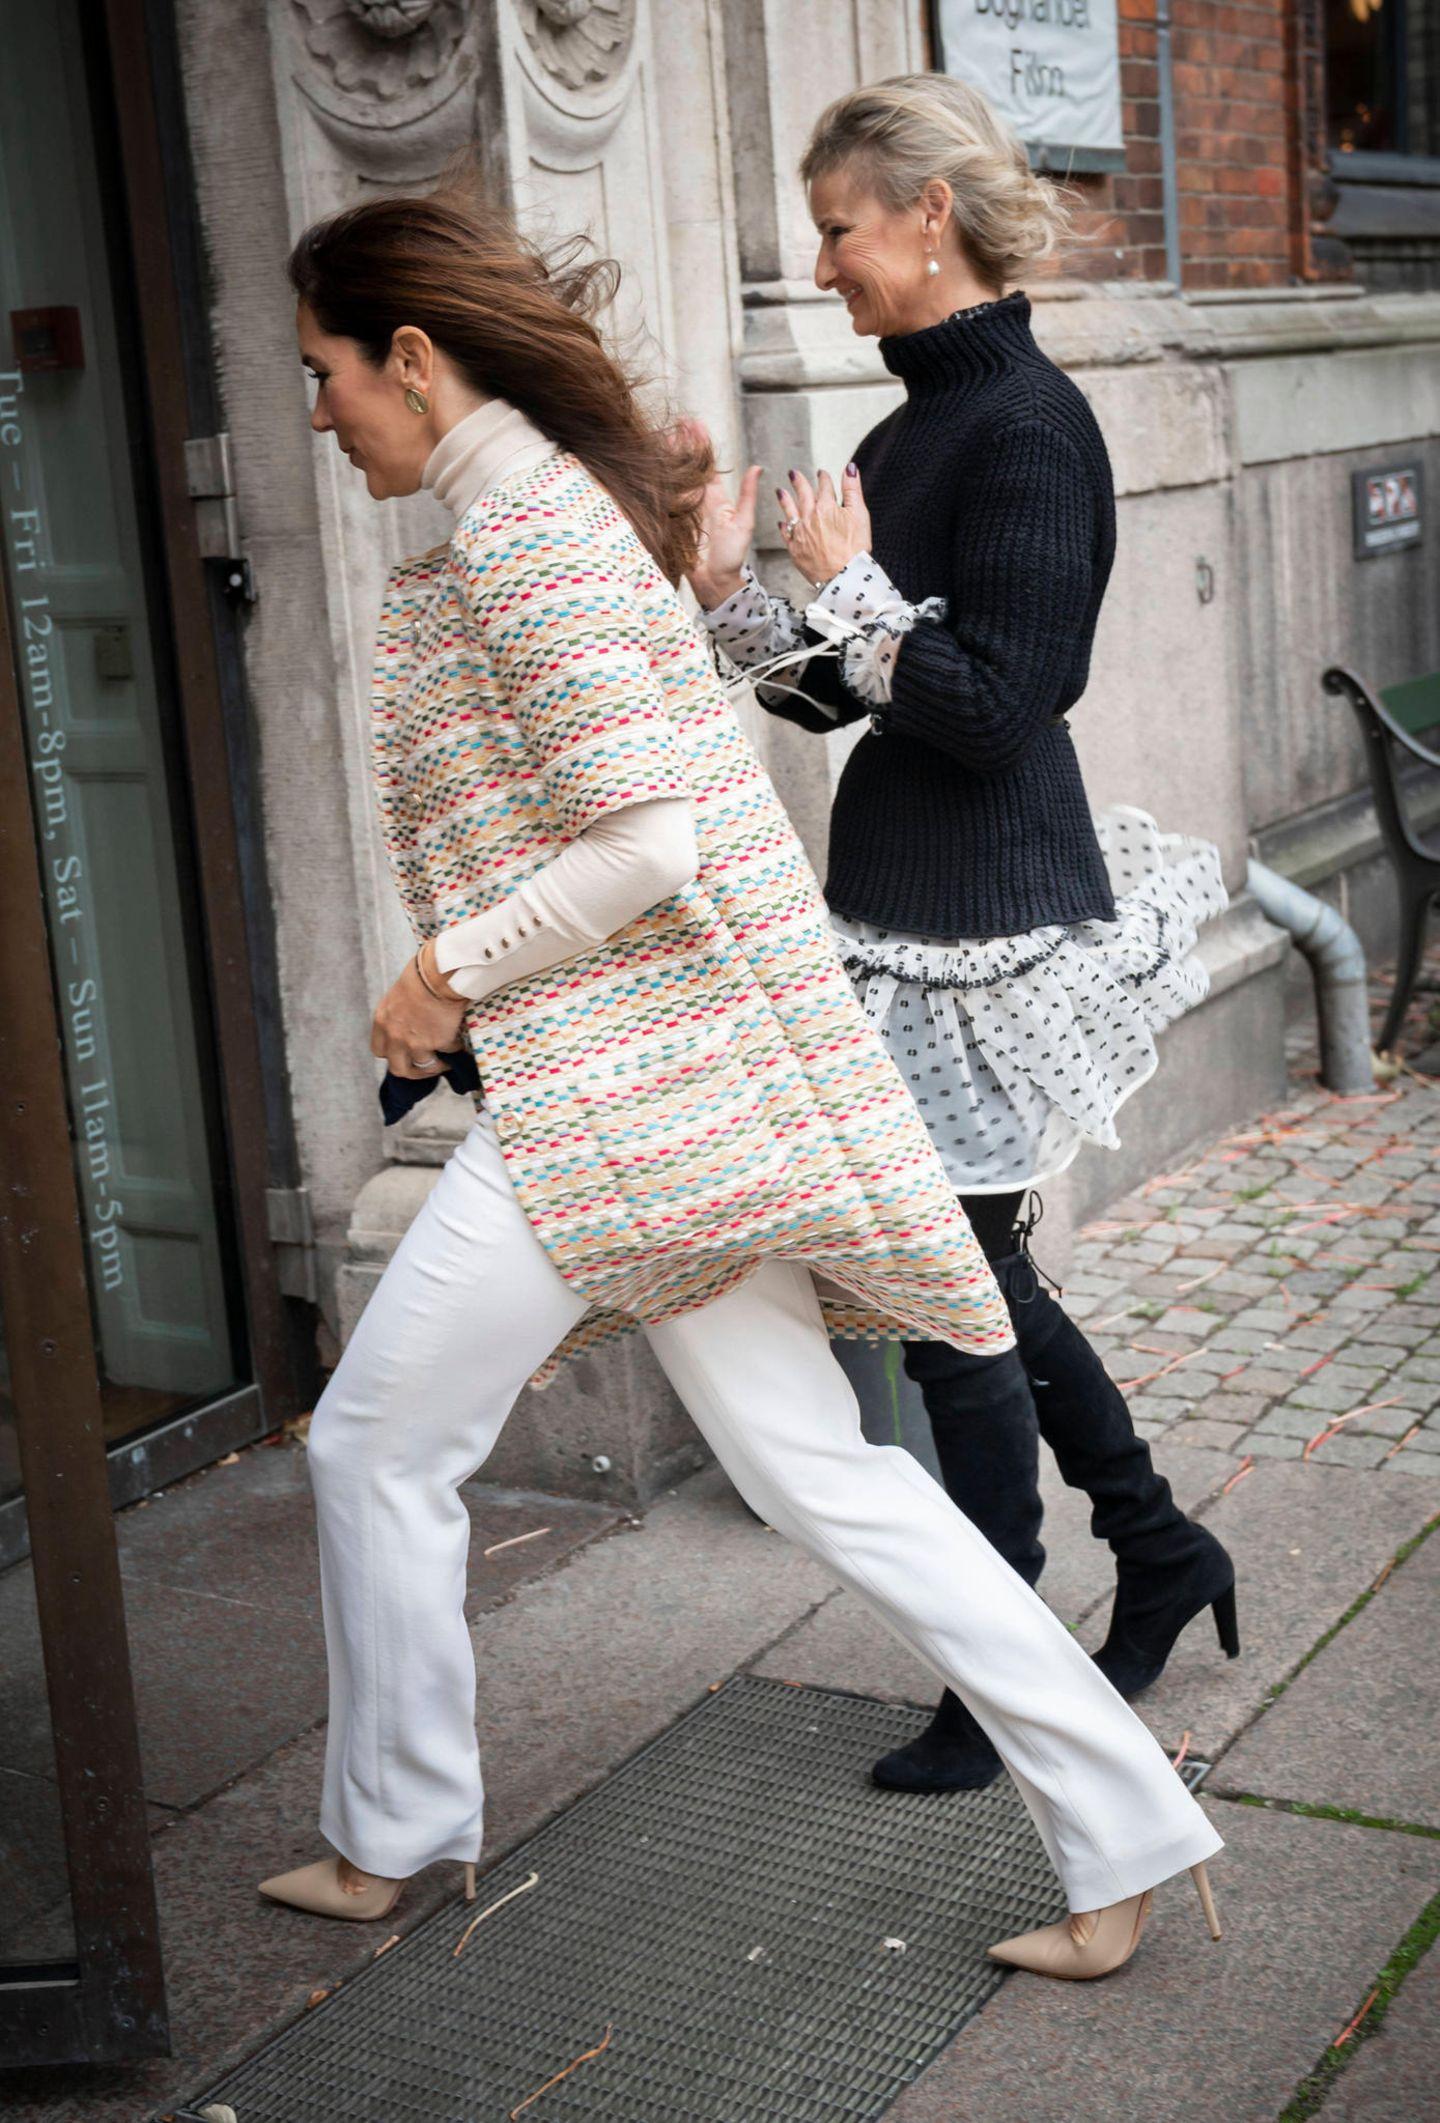 Bei derVerleihung des Magazin du Nord Fashion Preises in Kopenhagen zeigt sich Prinzessin Mary von Dänemark in einem stylischen Monochrome-Look. Allerdings hat sie bei den Schuhen nicht unbedingt die beste Wahl getroffen. Mit ihren beigefarbenen, spitzen Pumpsbleibt die Kronprinzessin nämlich beinahe im Gitter stecken ...